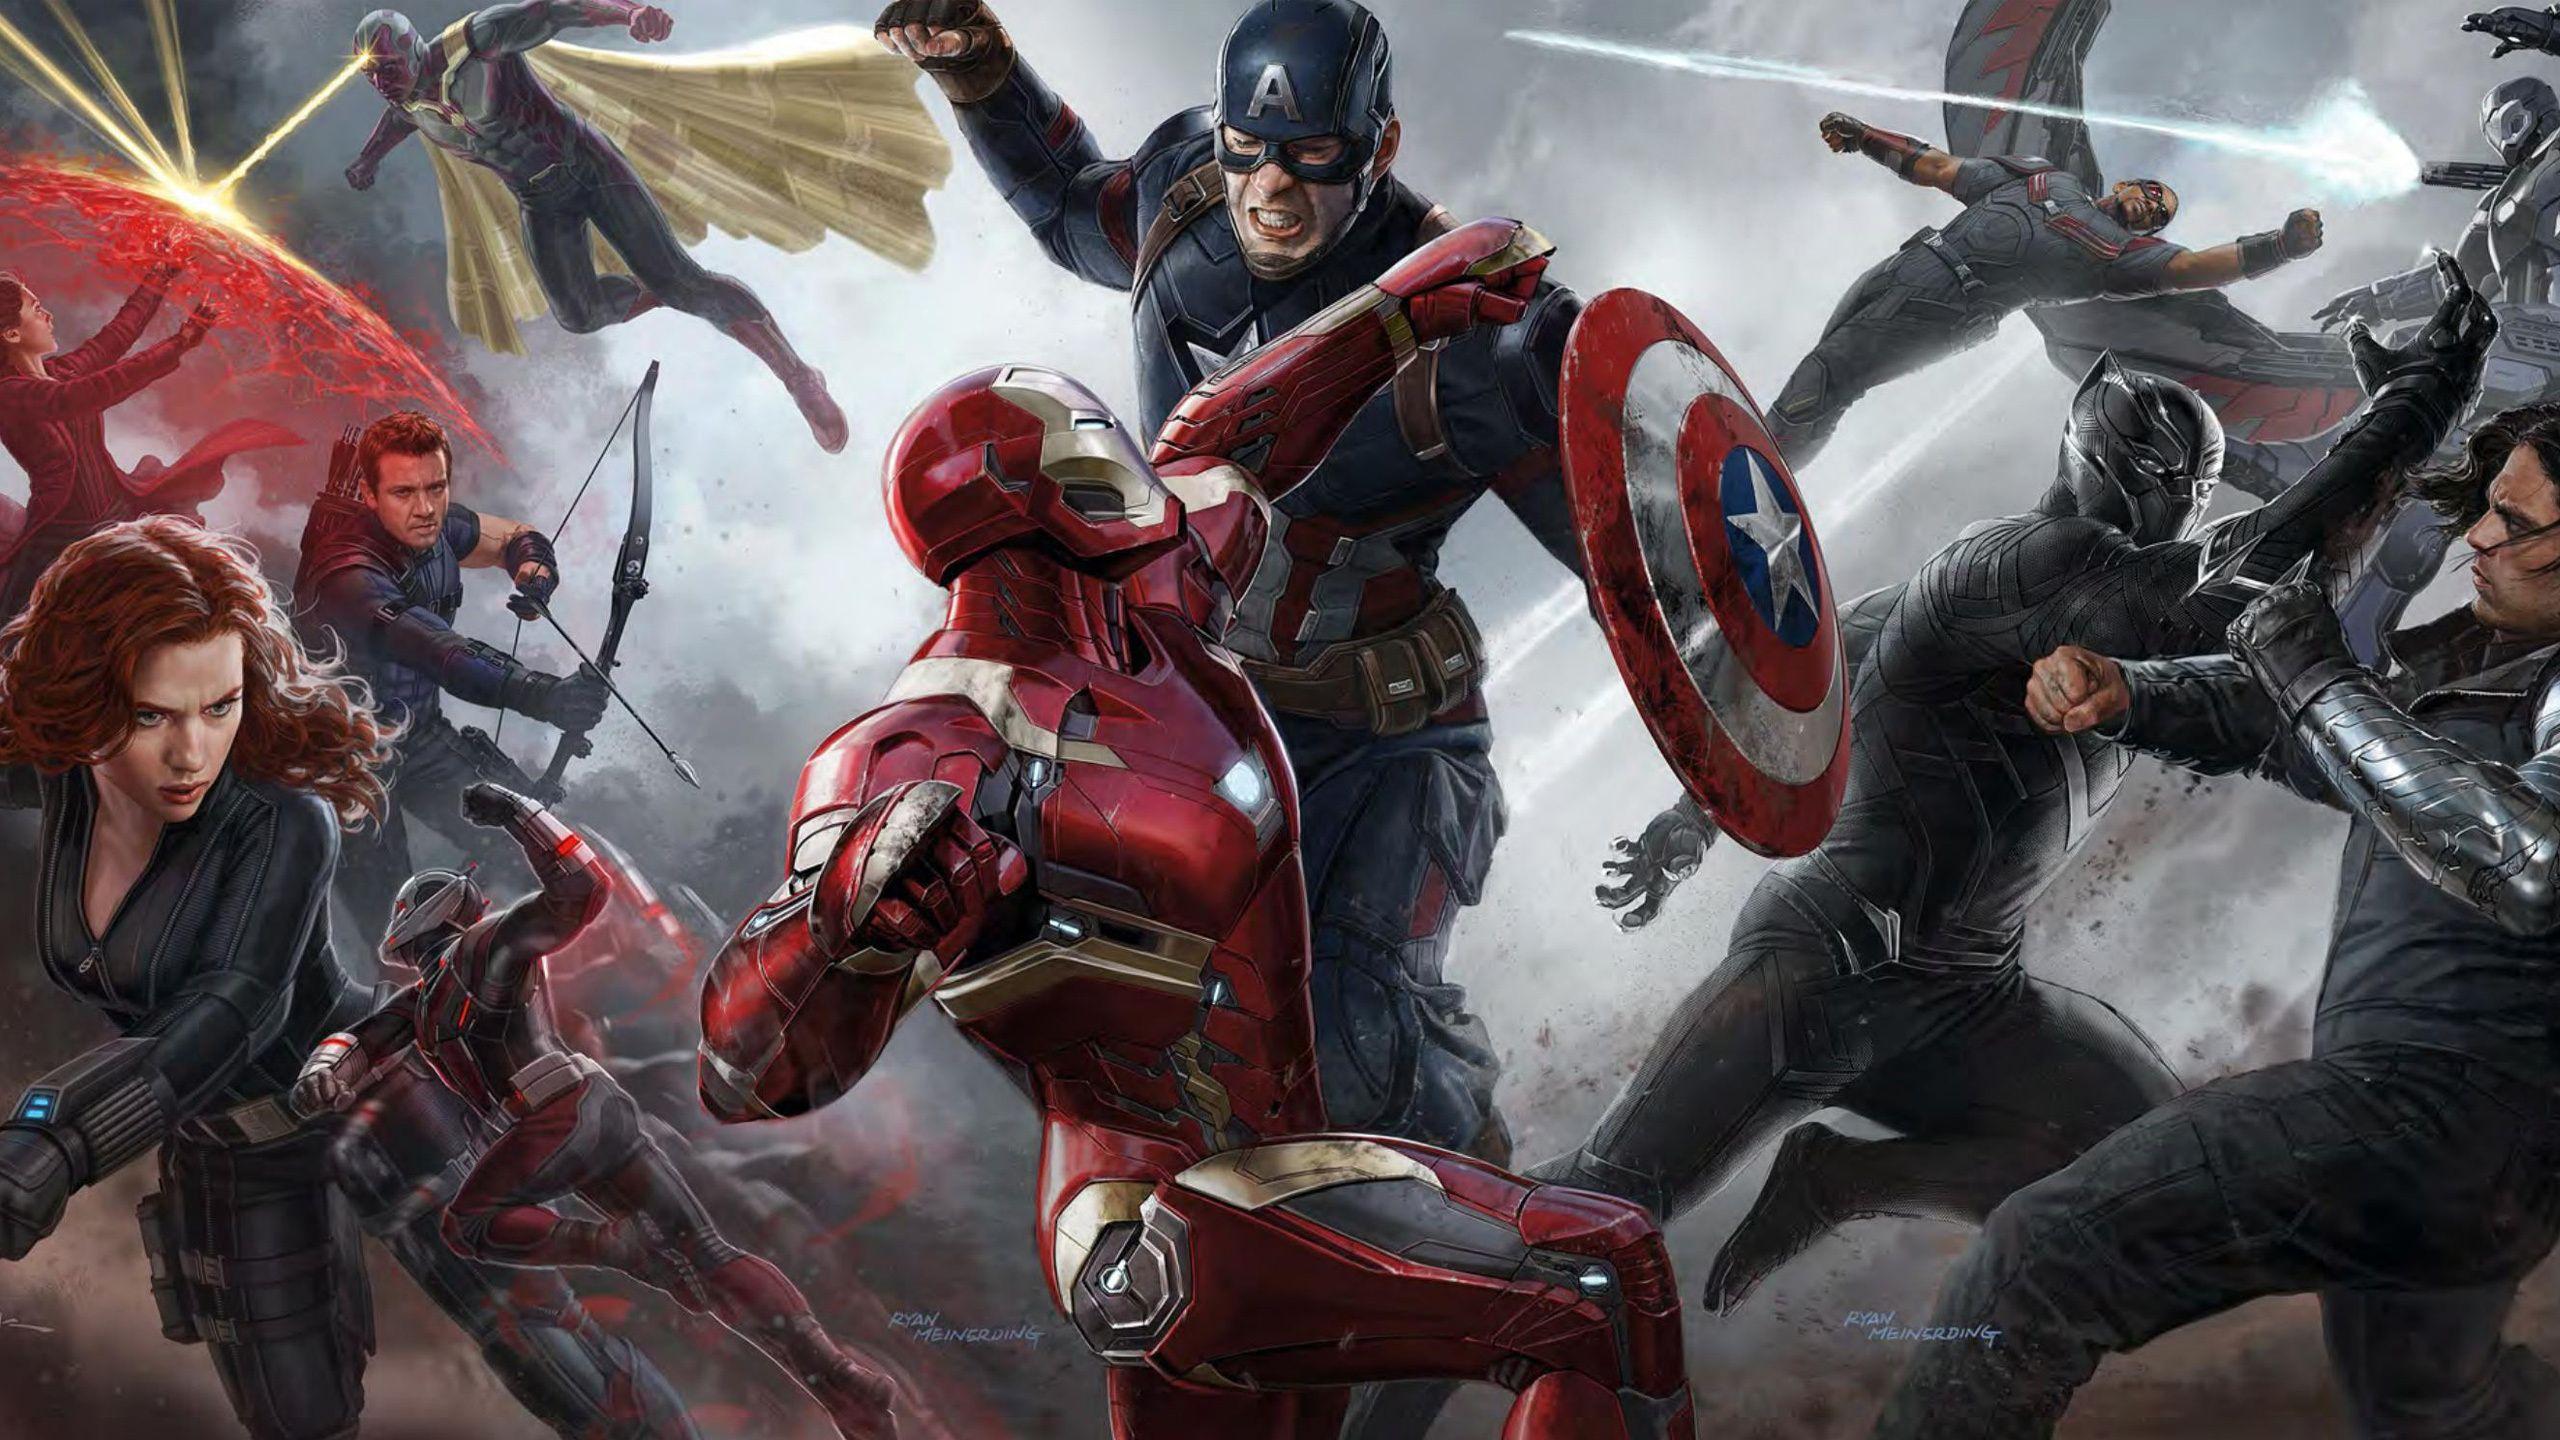 Marvel Wallpaper Desktop Background в 2019 г фильмы